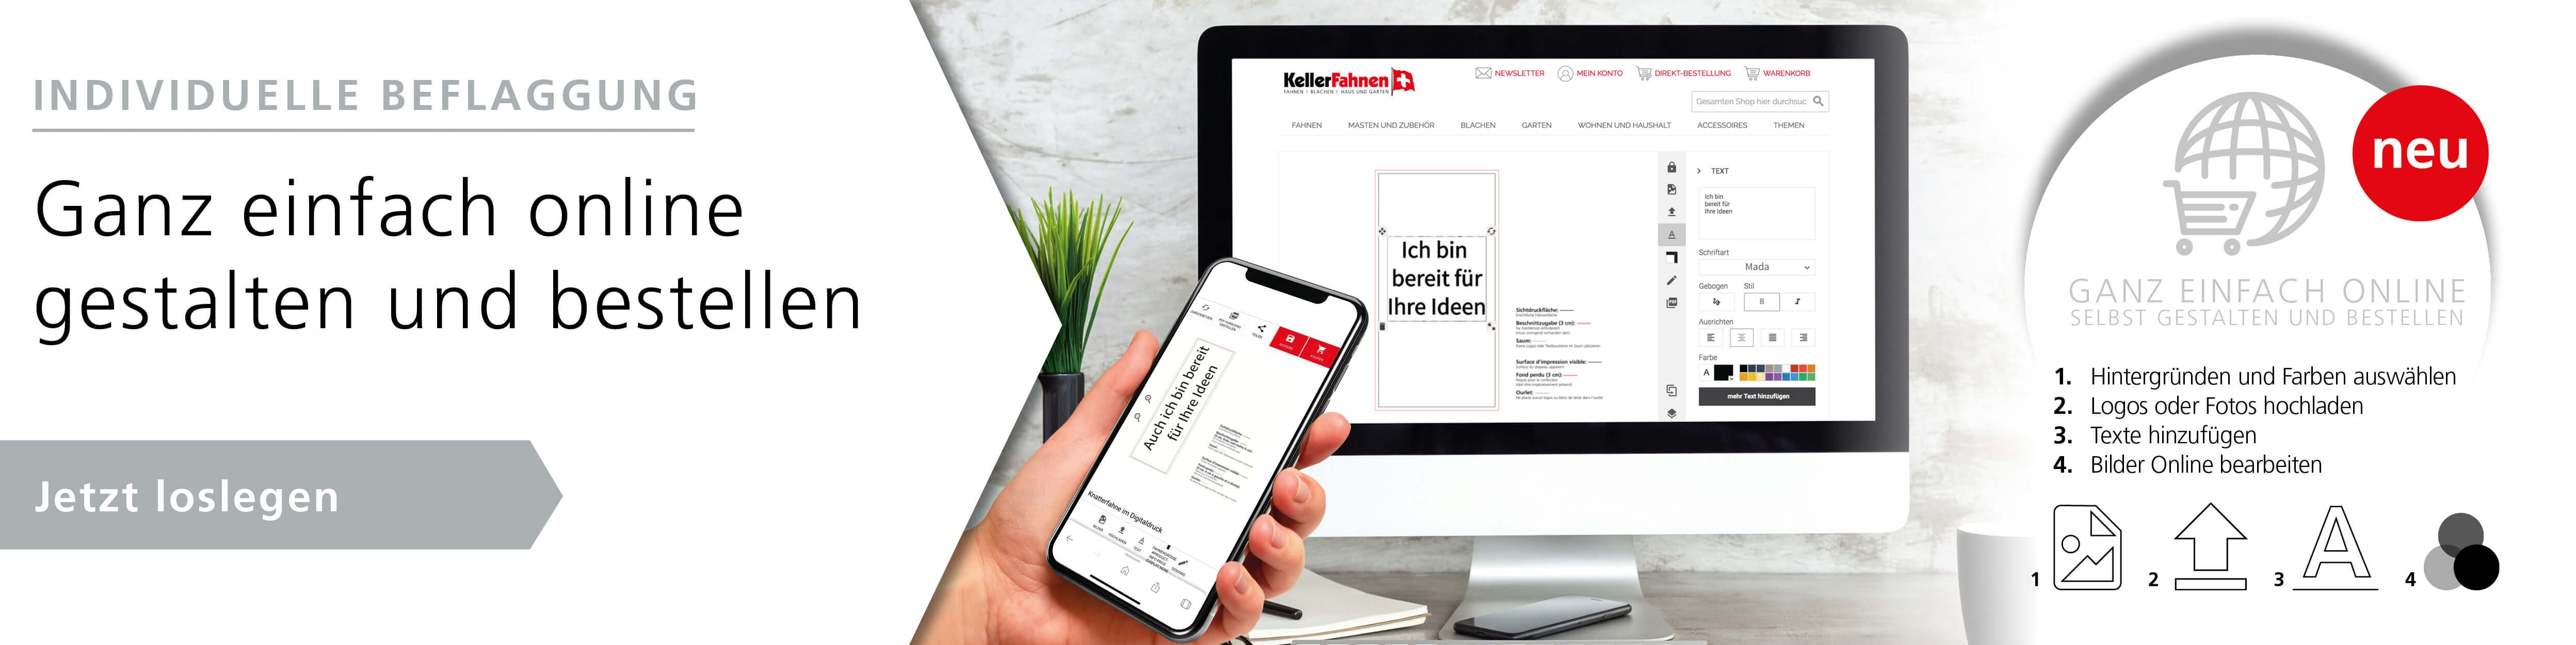 Werbe- und Firmenfahnen - ganz einfach online gestalten